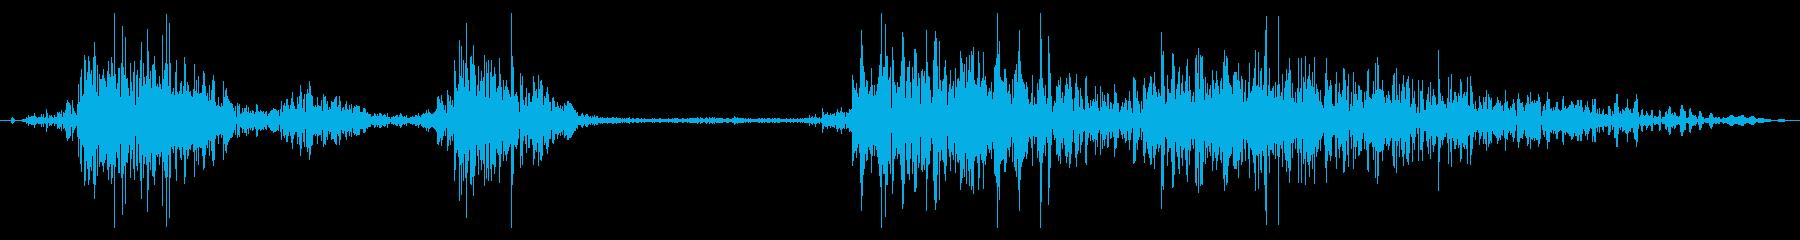 フライング ドラゴン ダメージ 死亡時の再生済みの波形